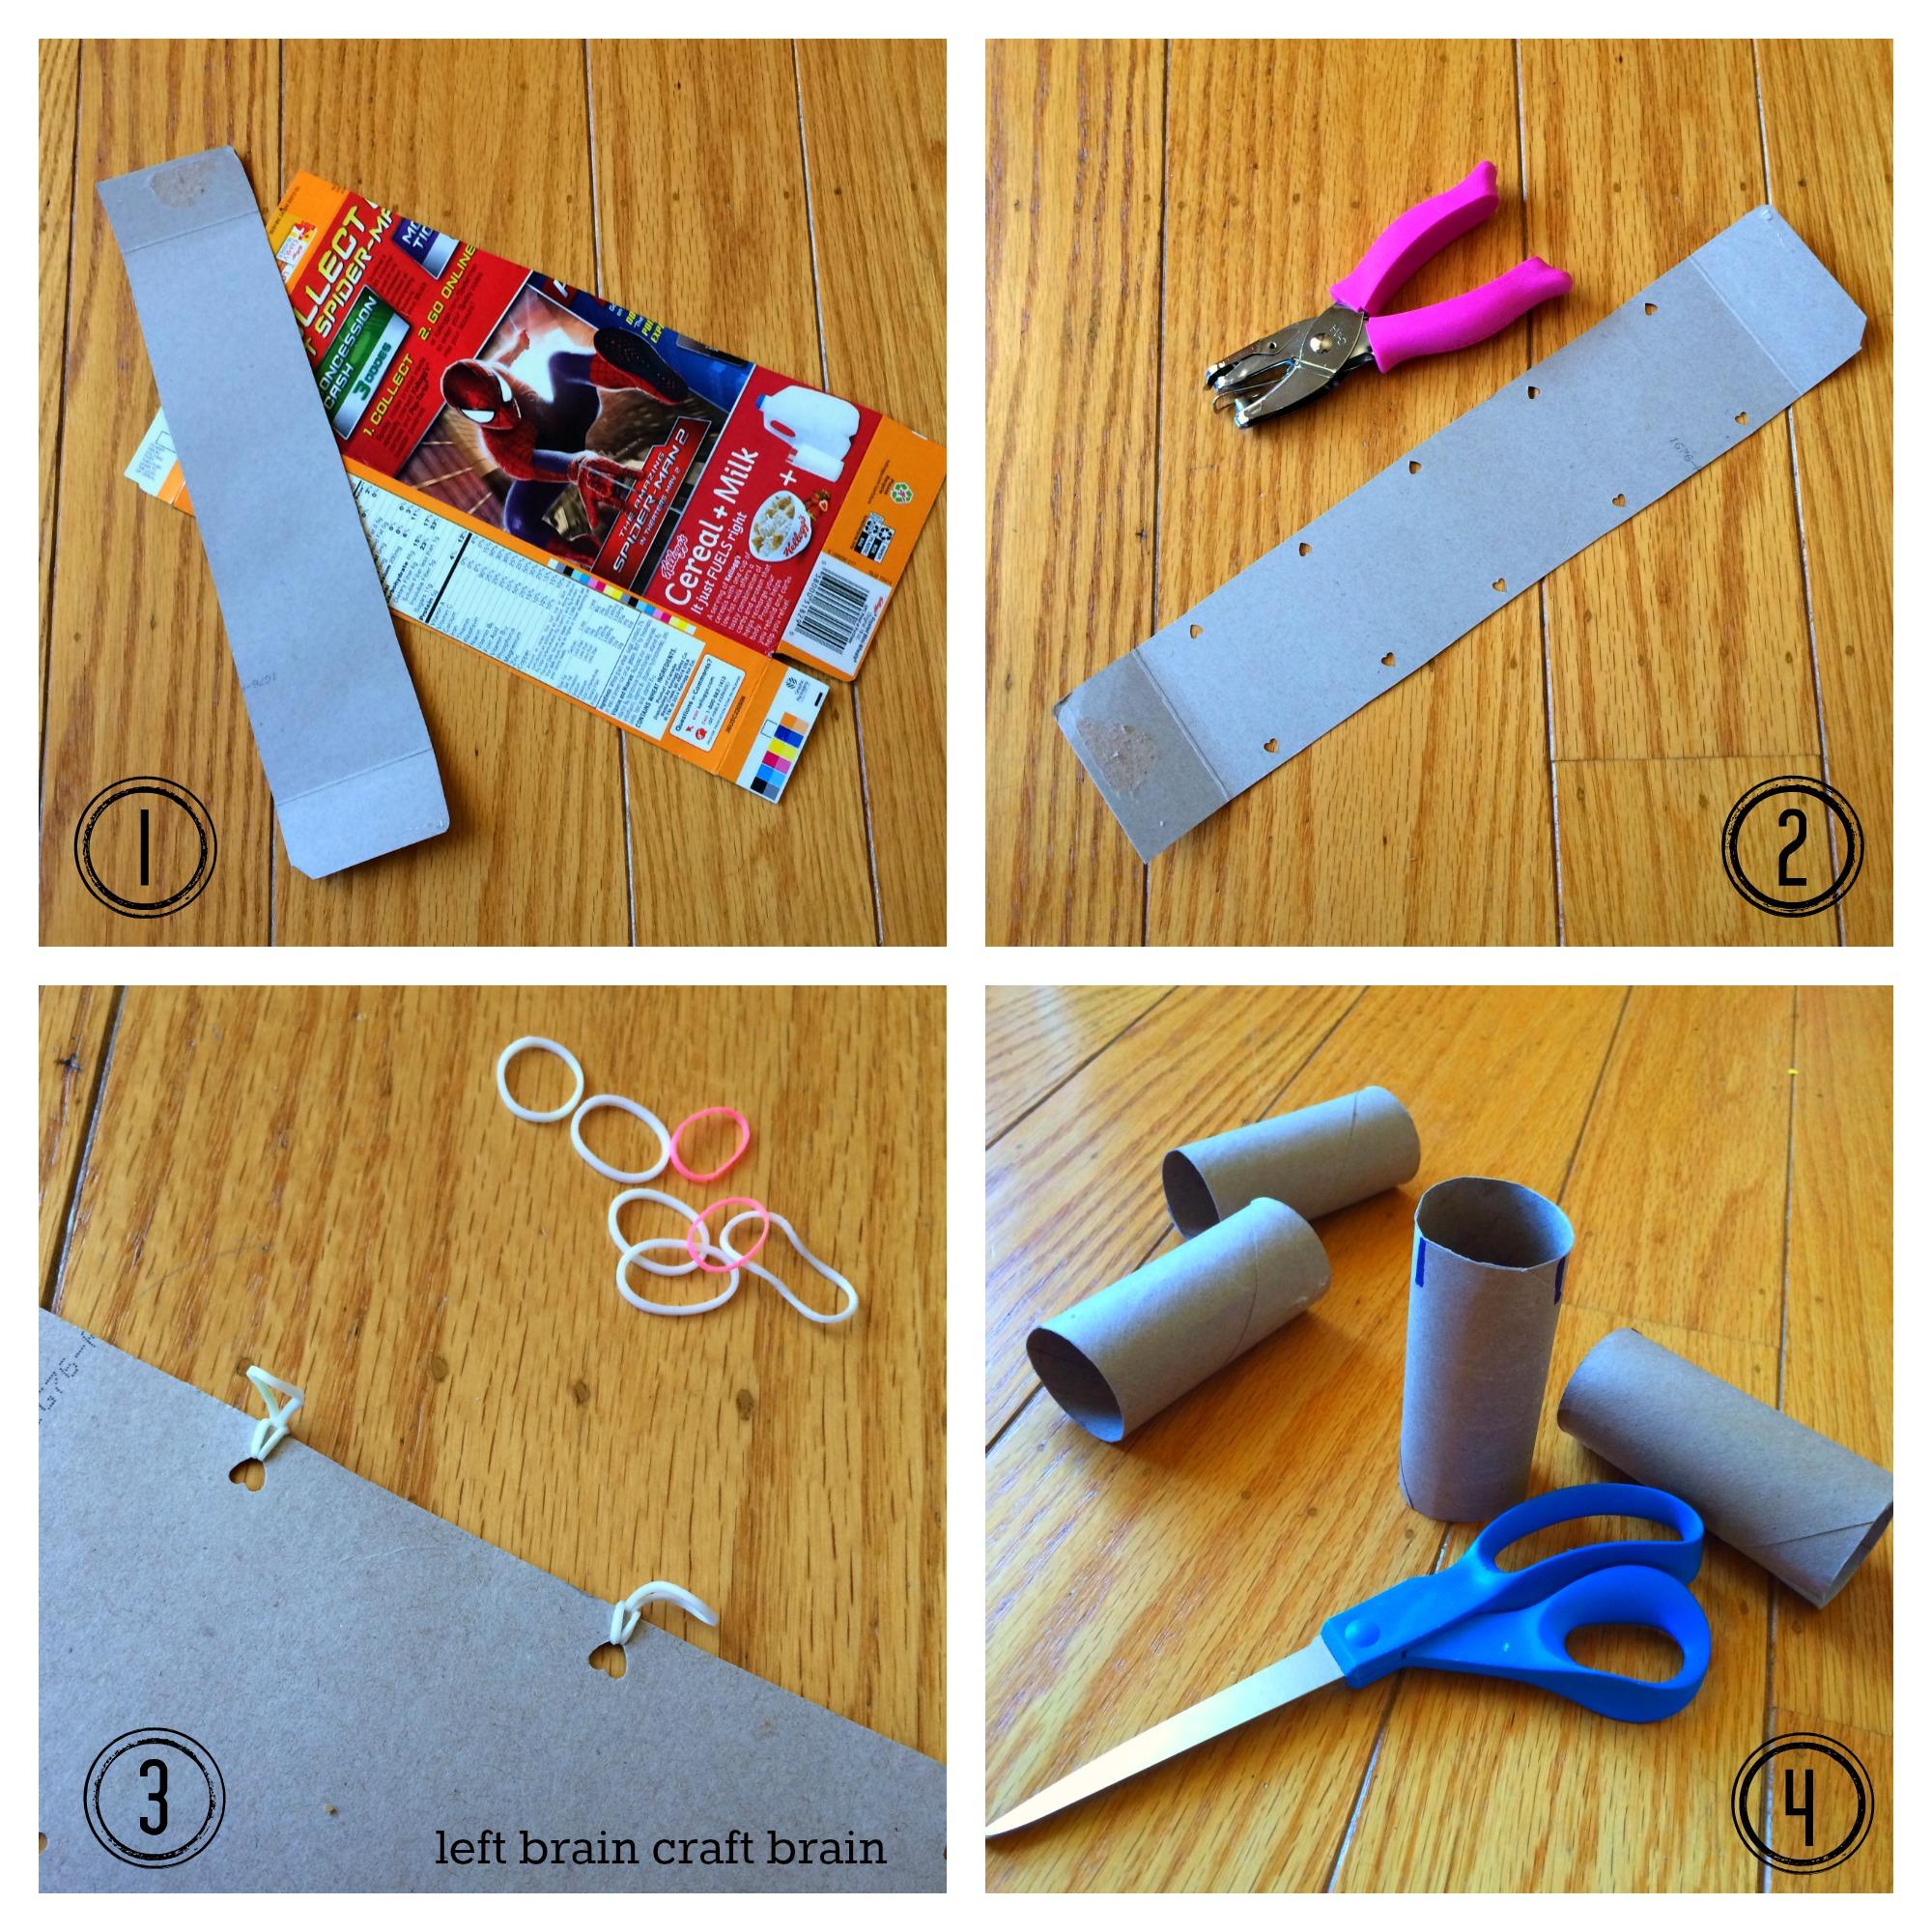 diy recycled suspension bridge collage 1 left brain craft brain